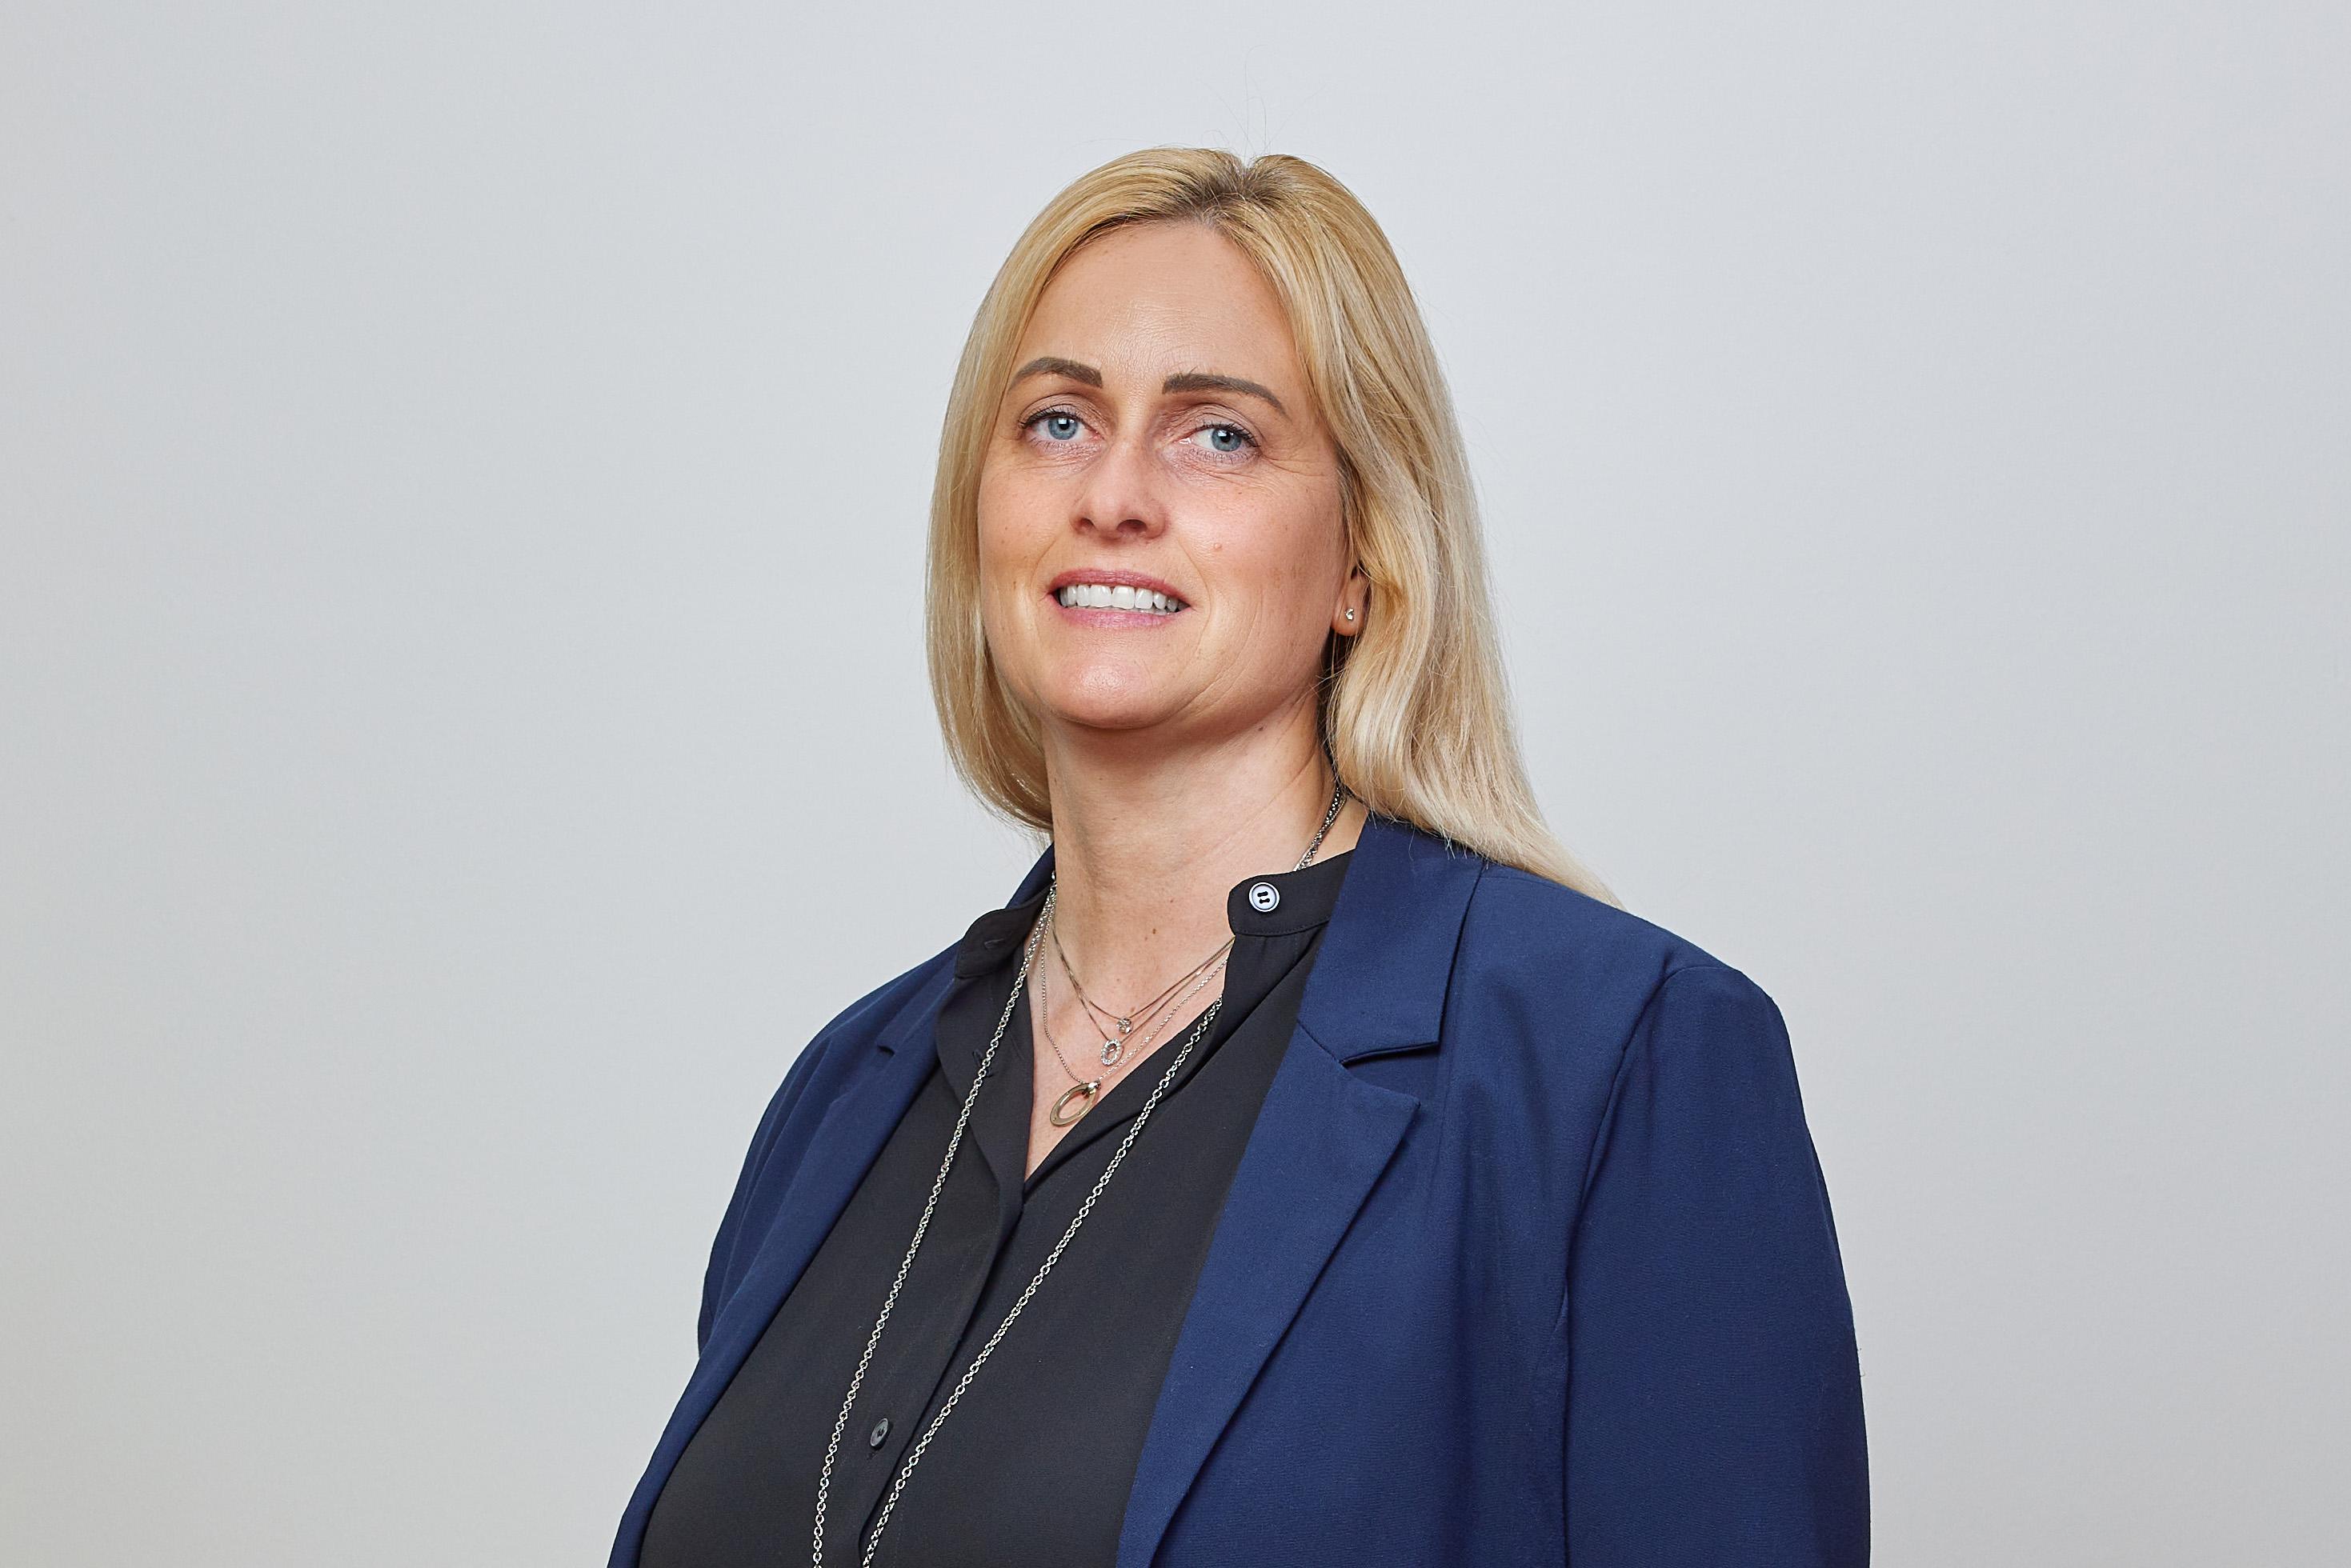 María Rúnarsdóttir